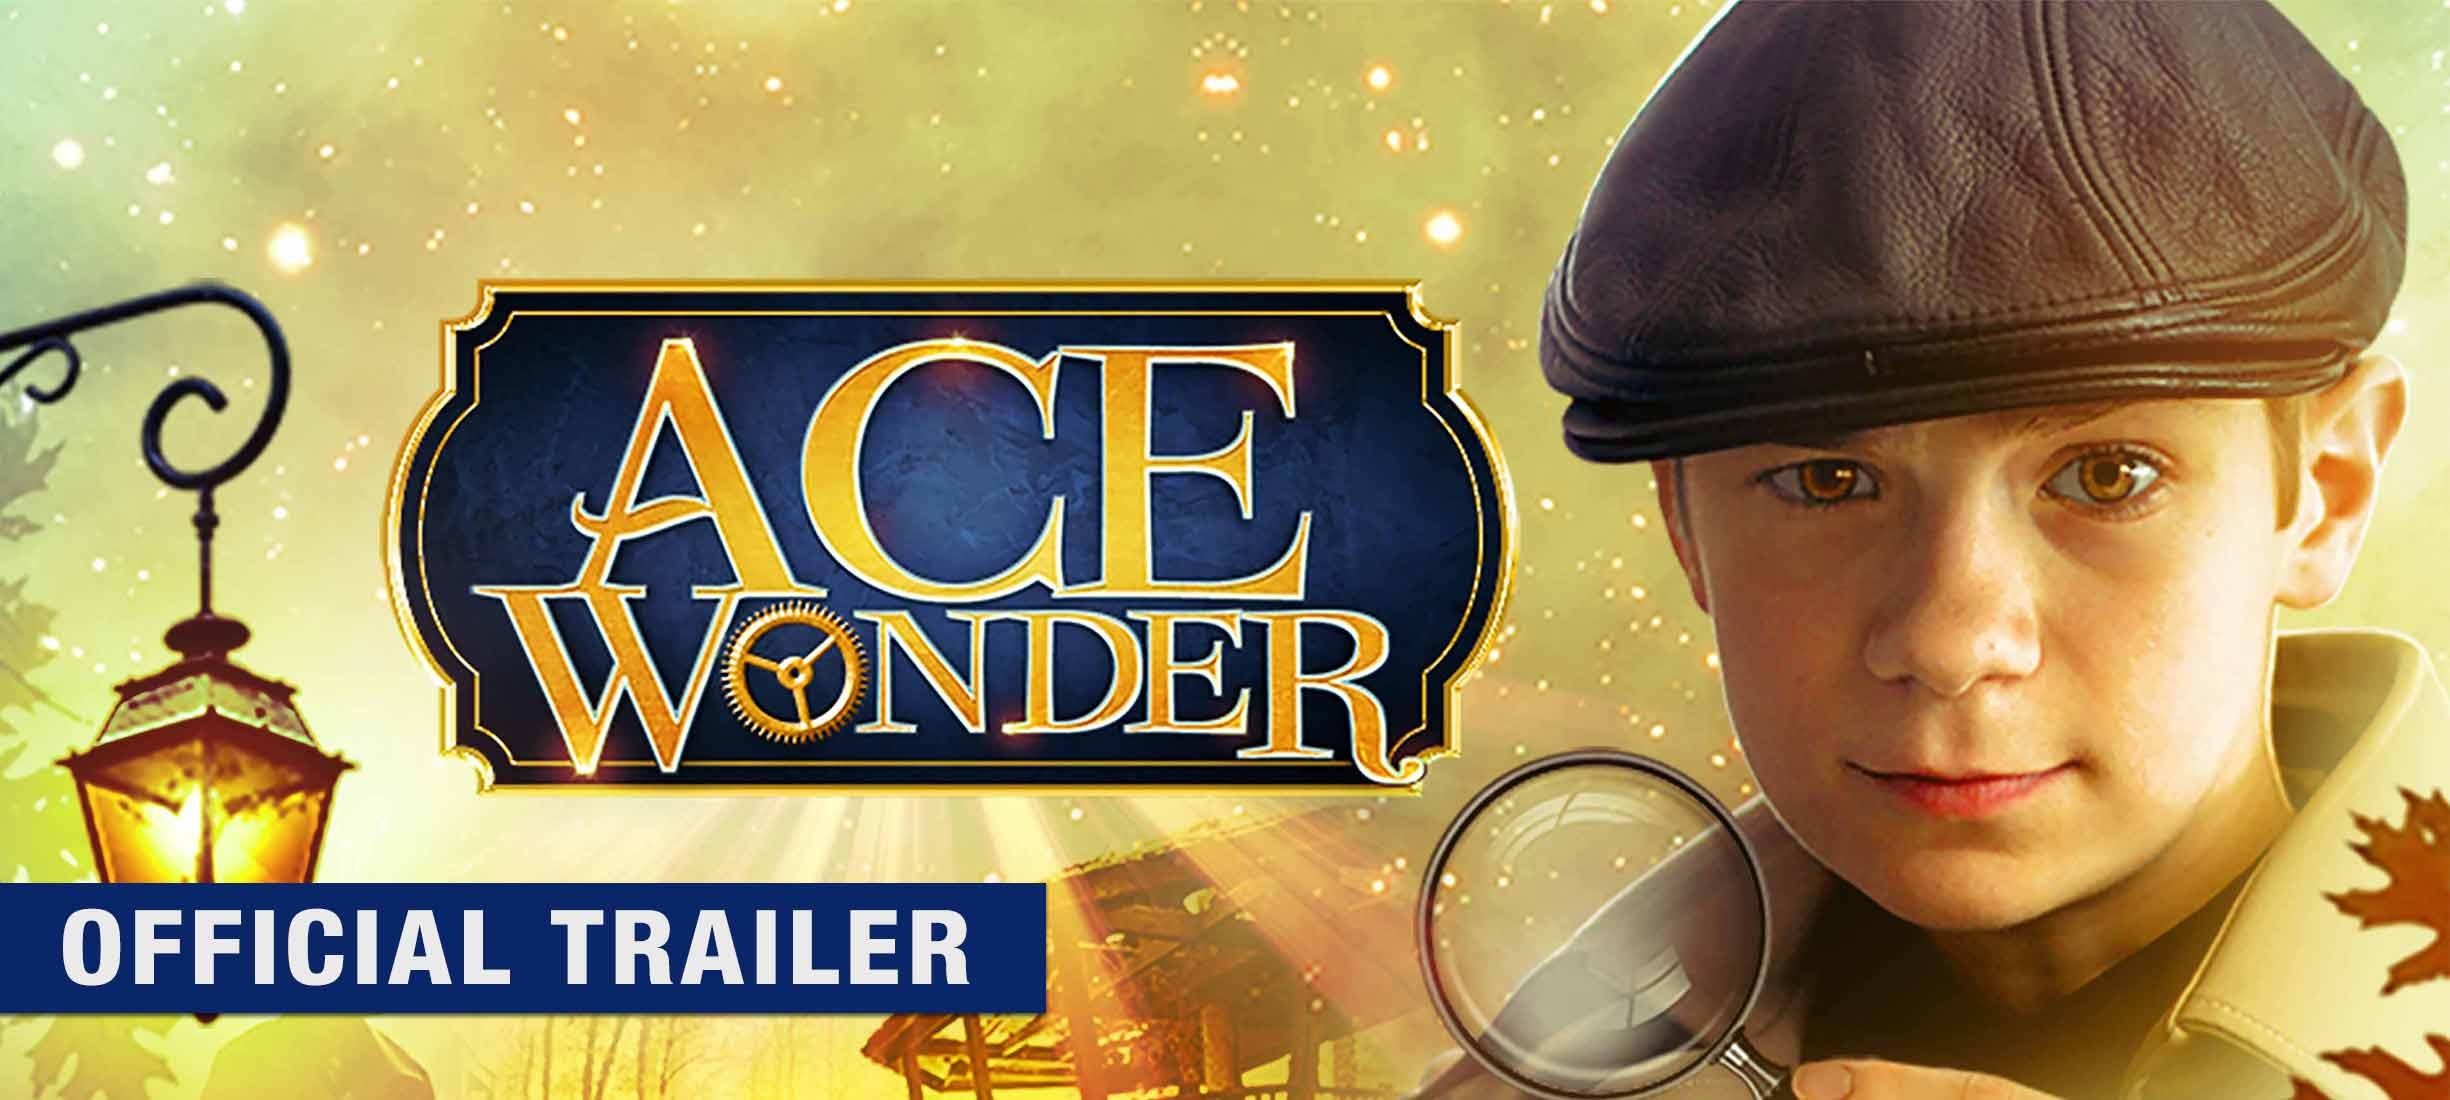 Ace Wonder: Trailer